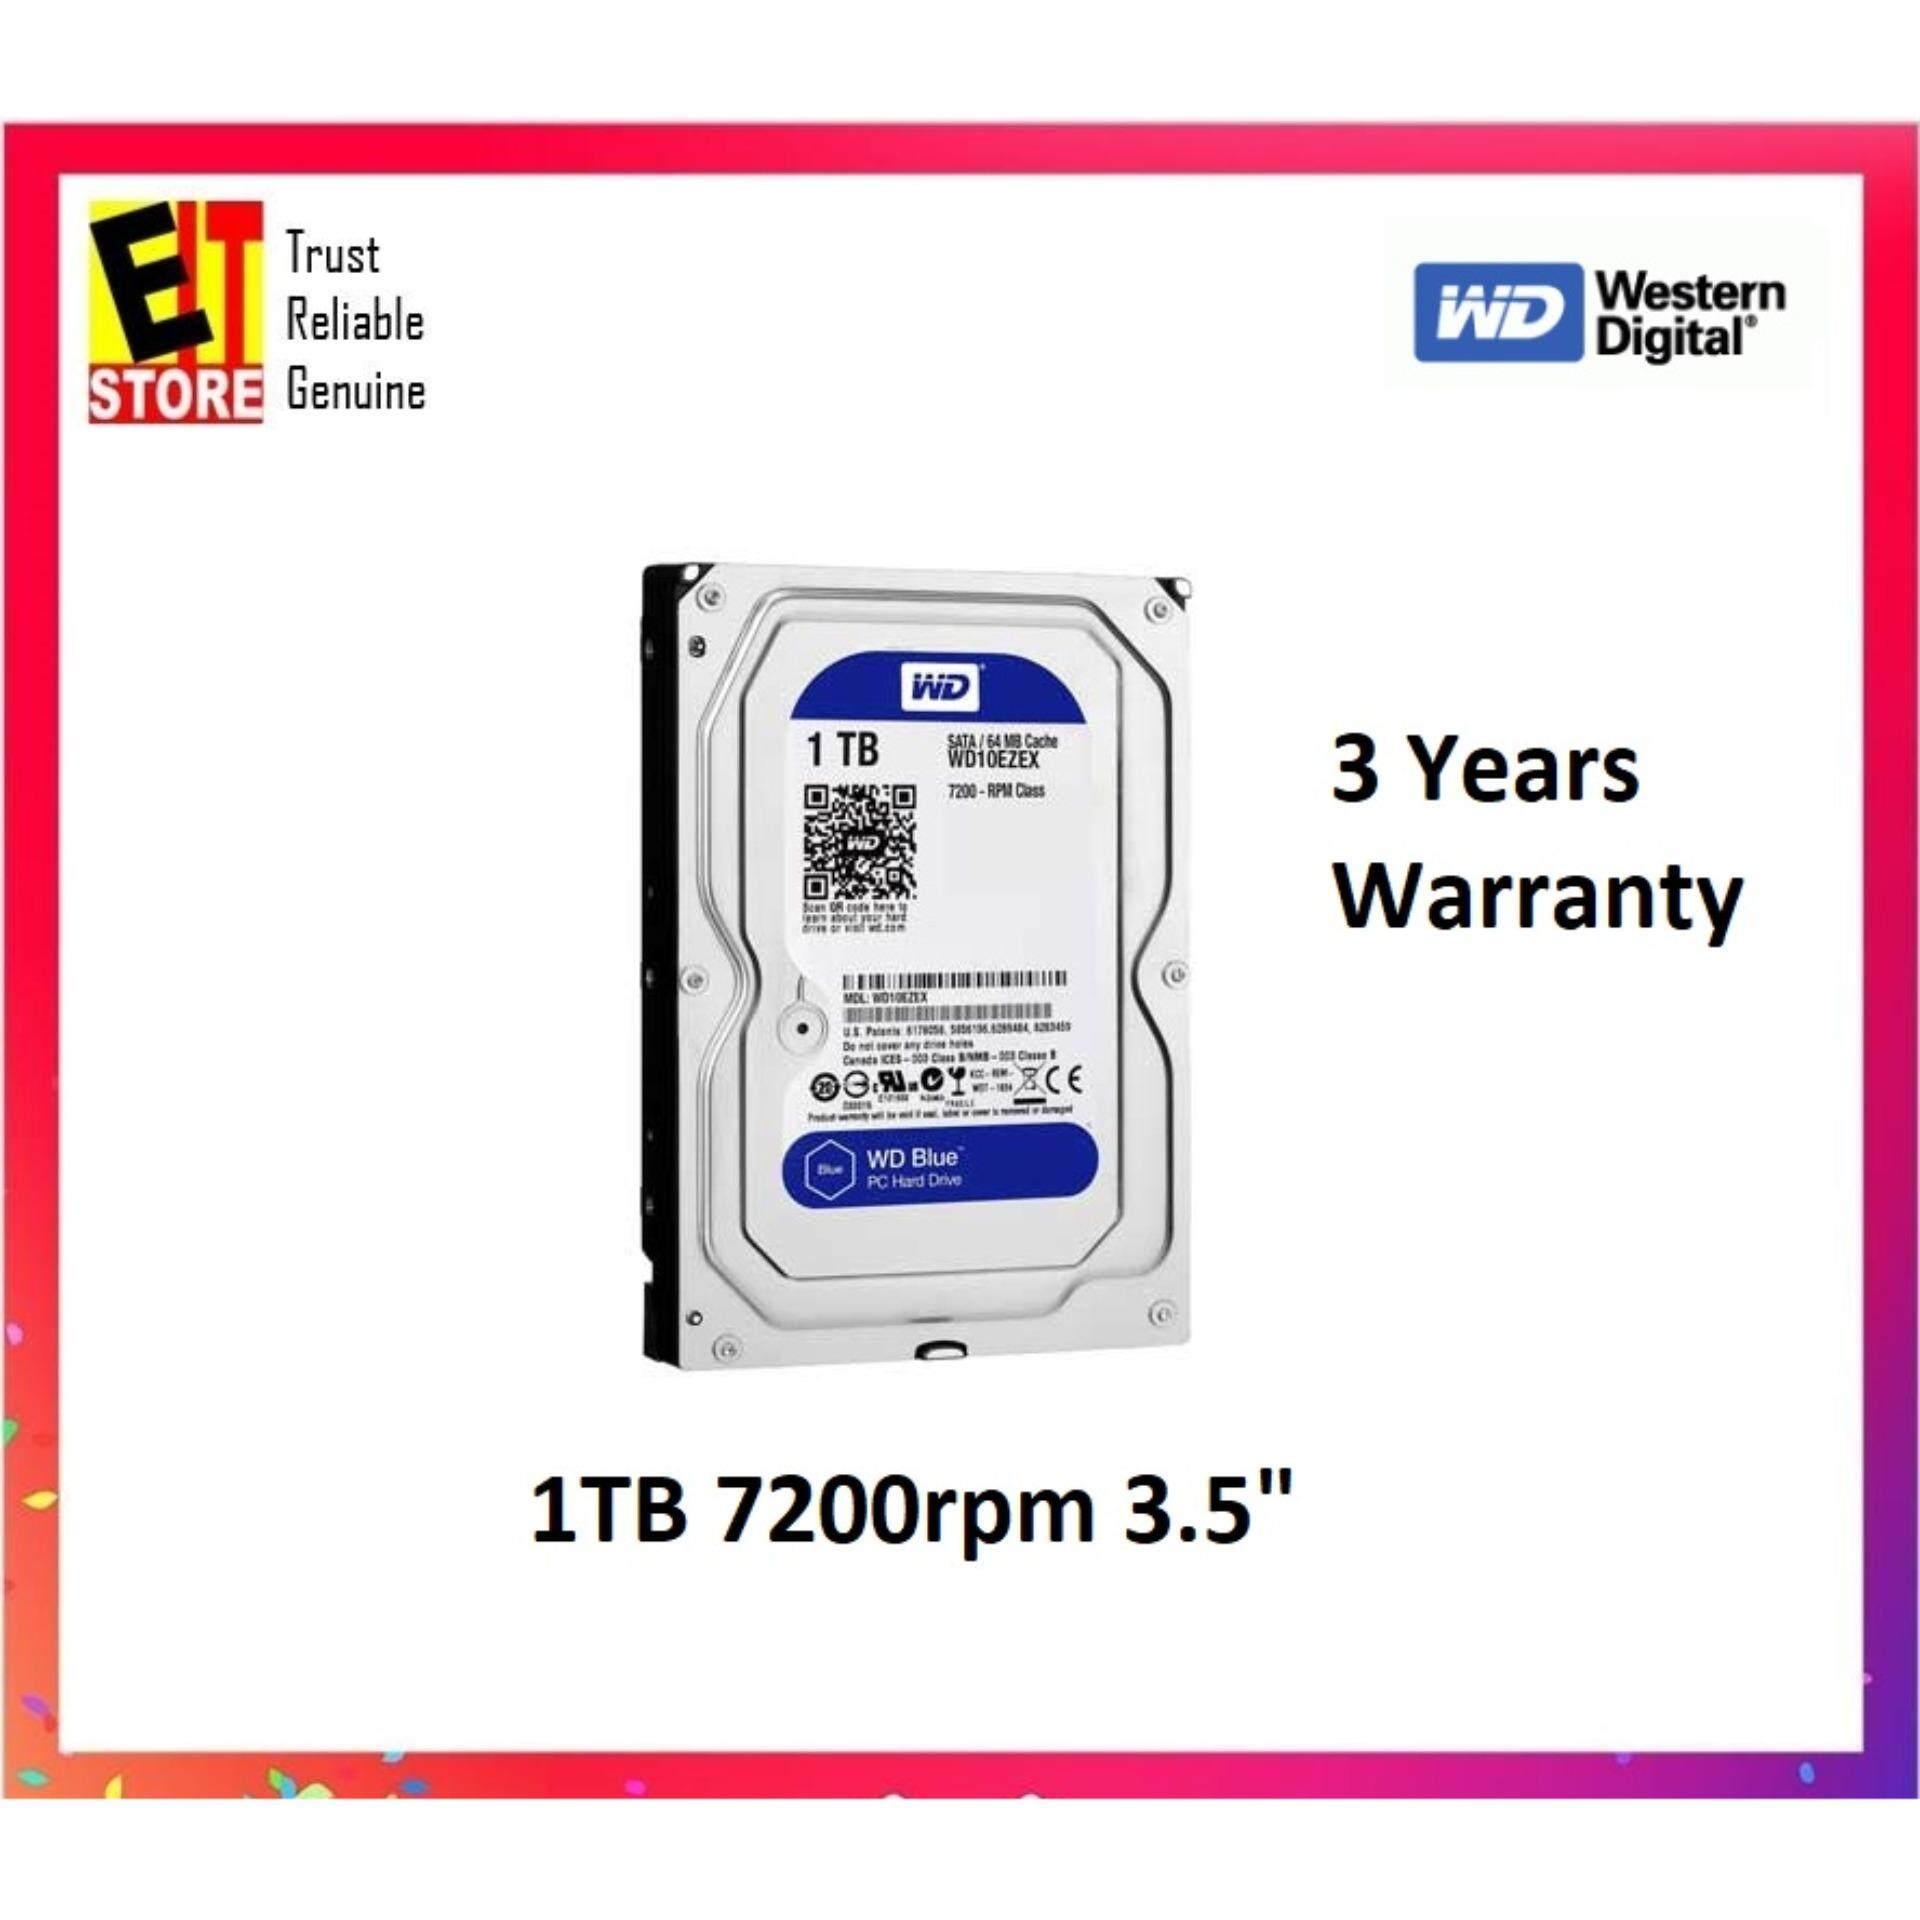 """WESTERN DIGITAL DESKTOP 3.5"""" 1TB SATA HDD CAVIAR BLUE (WD10EZEX)"""